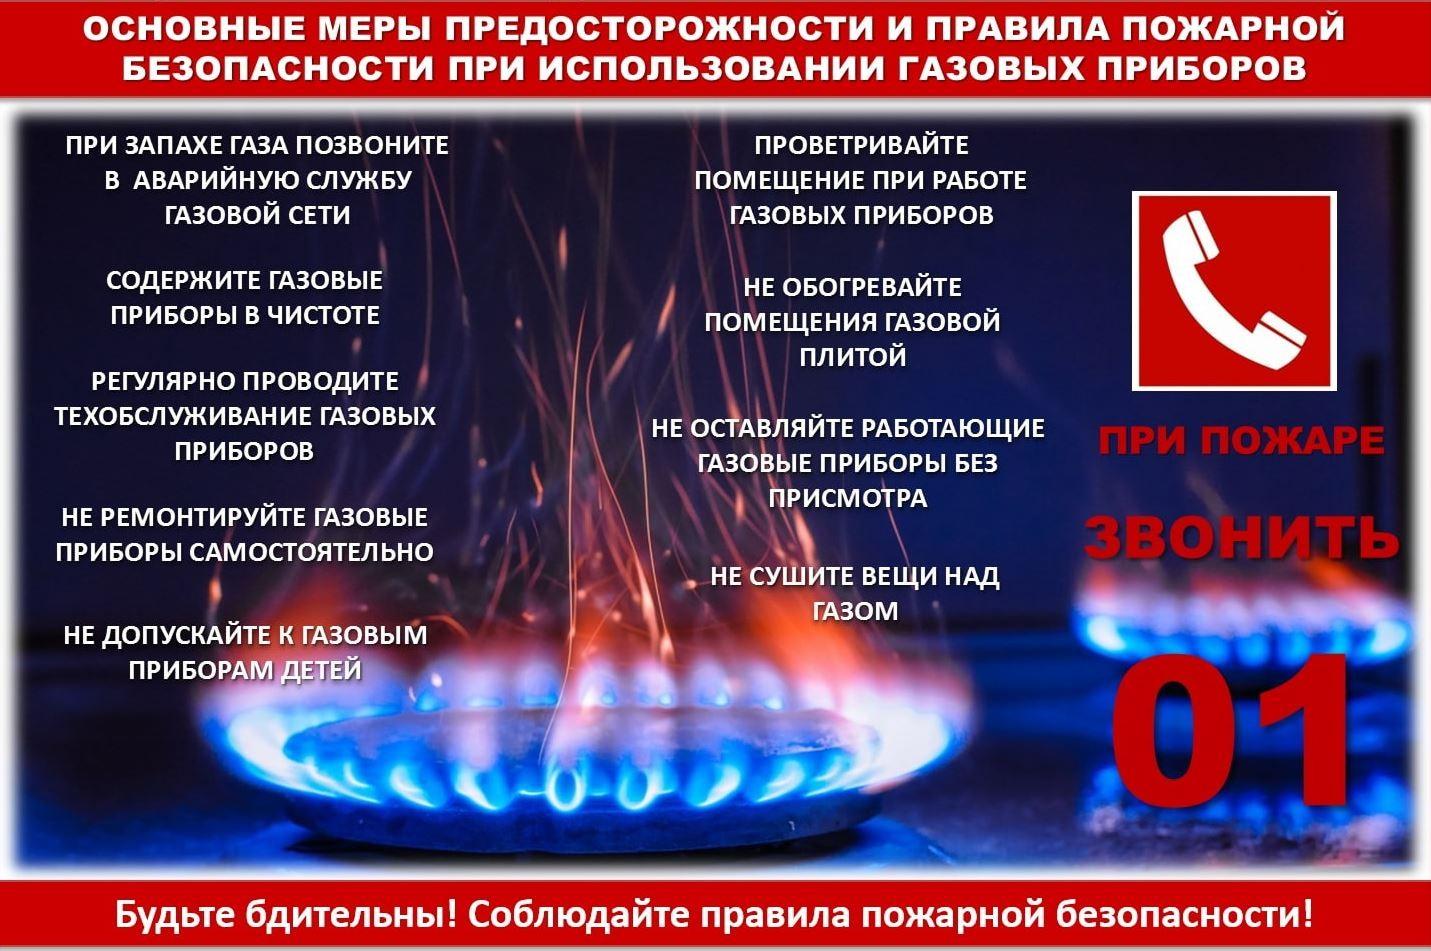 Ппбв 85: правила пожарной безопасности в газовой промышленности